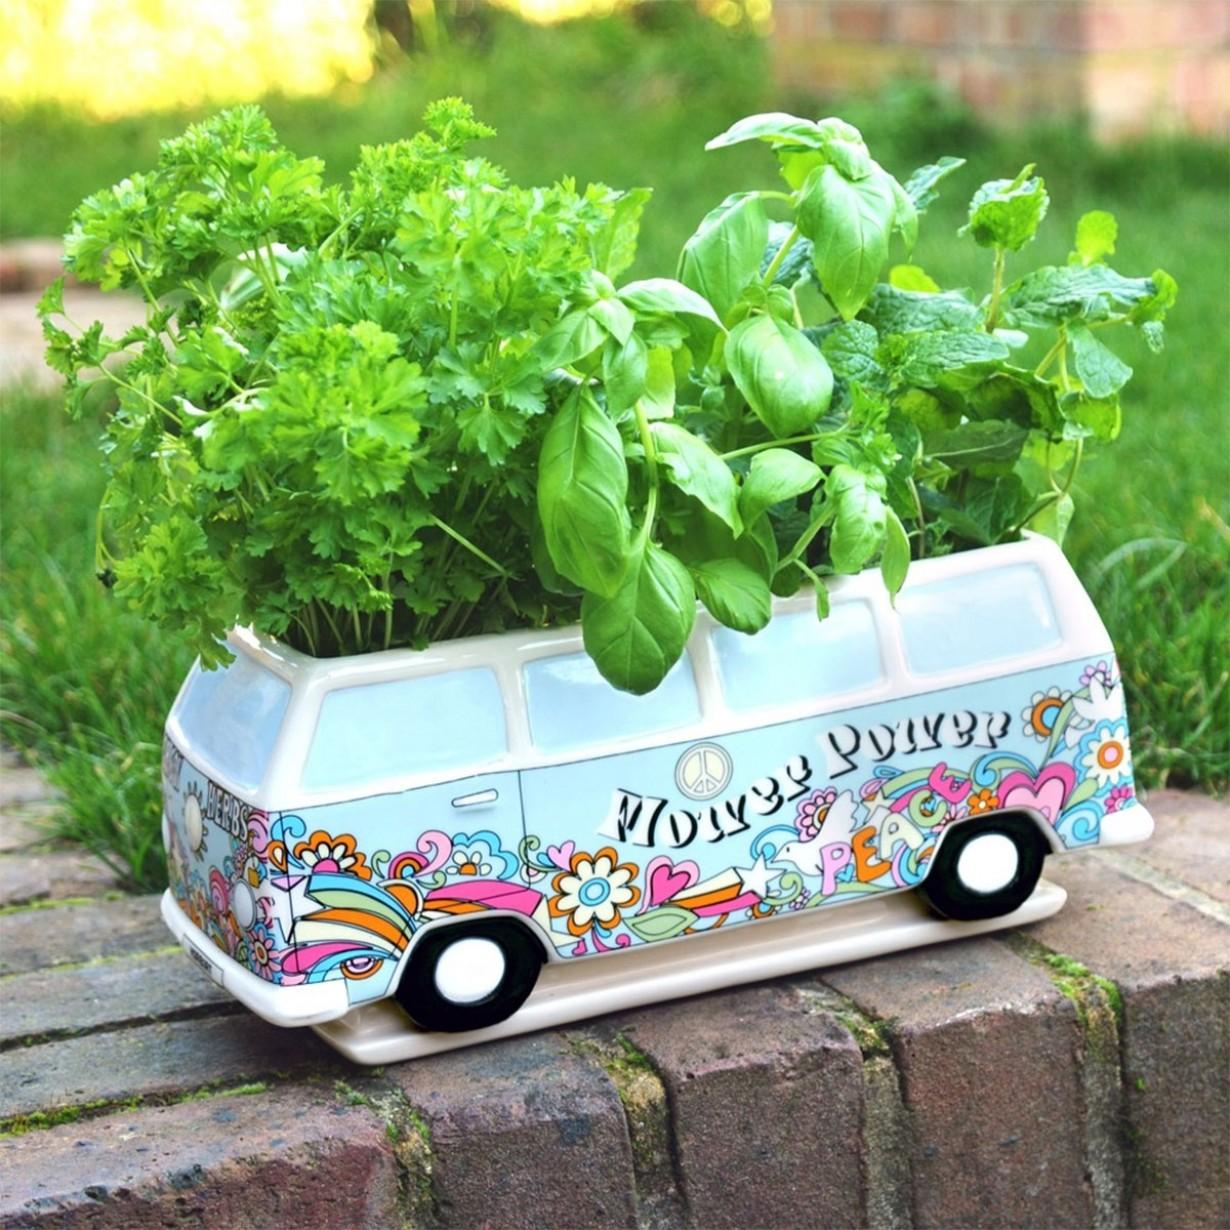 camper-herbert-planter-fioriera-in-stile-hippie-49f